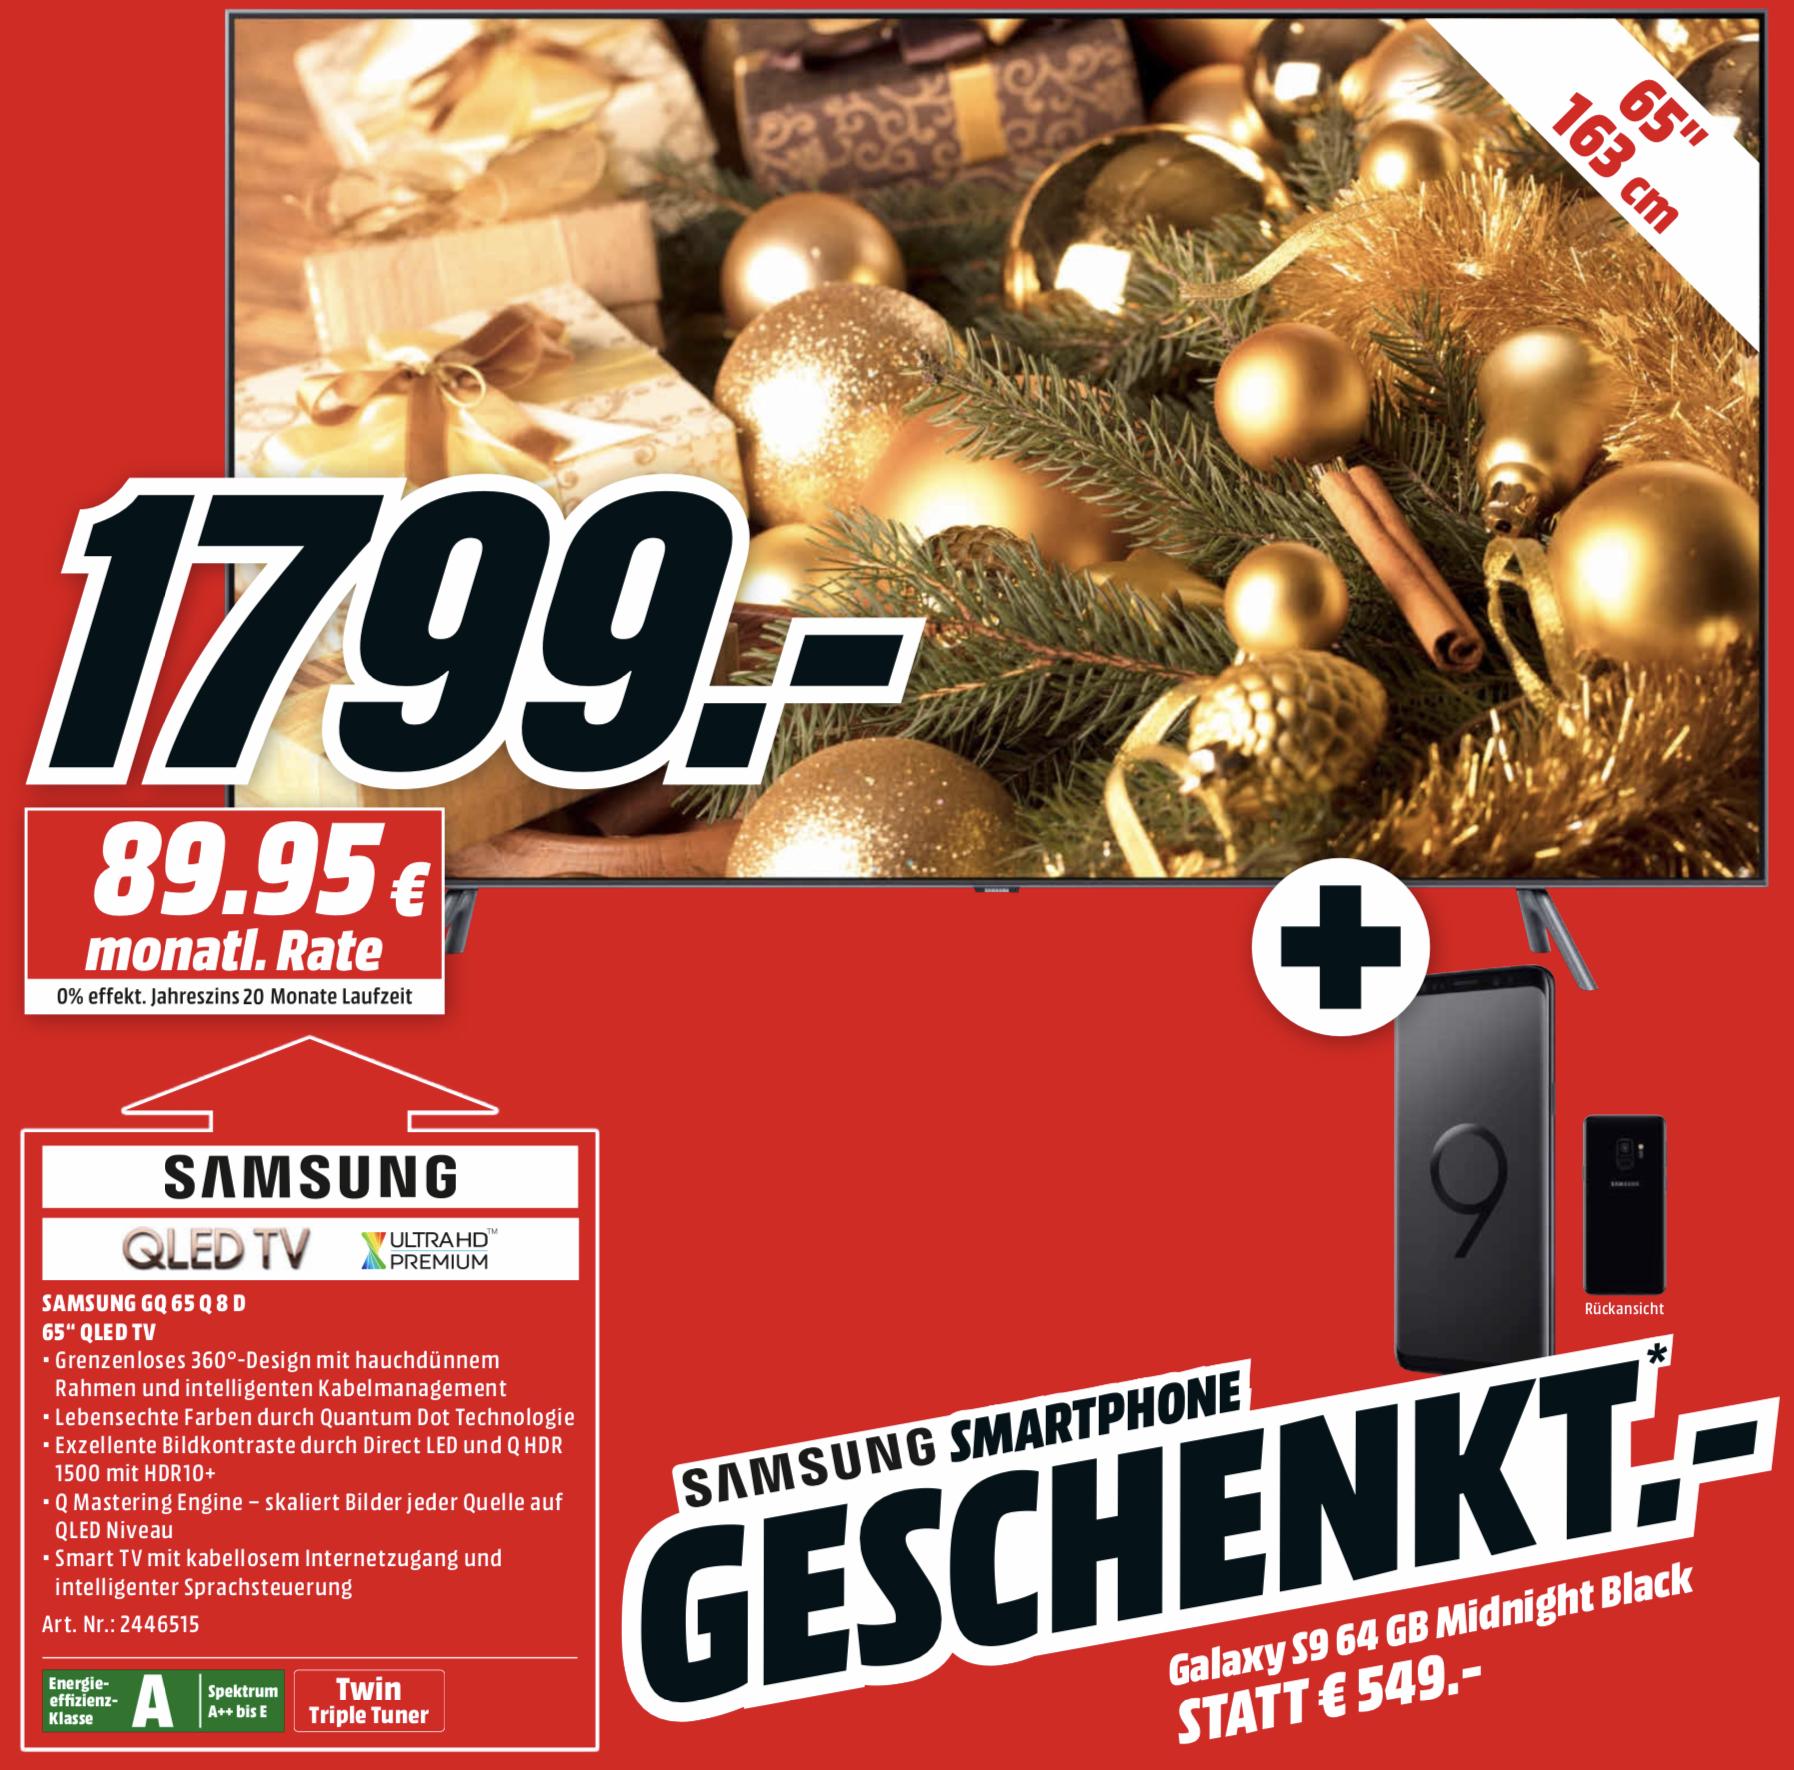 Samsung GQ65Q8D QLED TV + Samsung Galaxy S9 Smartphone geschenkt für 1799€ + 10-fach Payback [MediaMarkt] bei Marktabholung